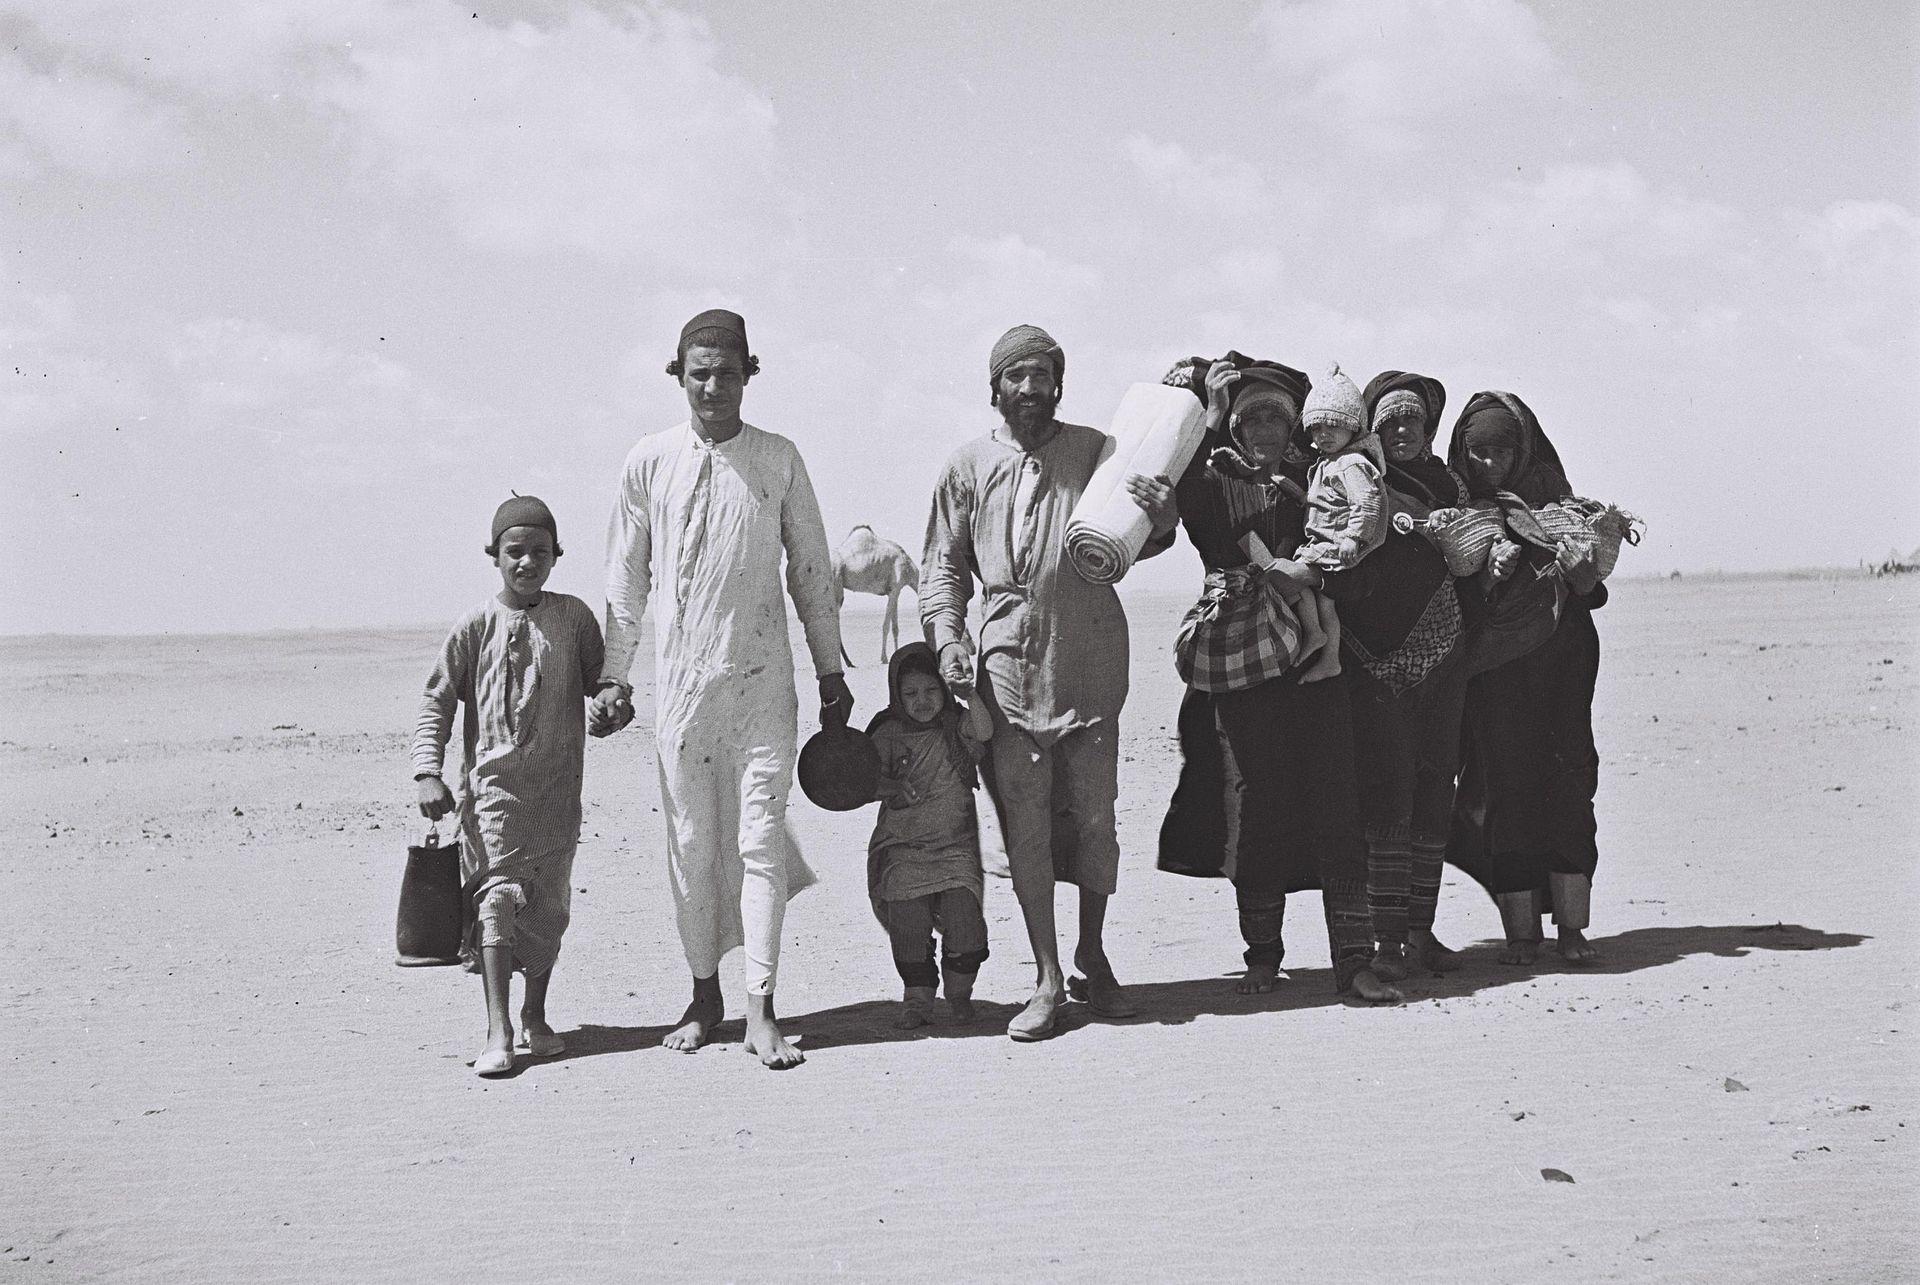 Las reparaciones para los judíos de los países árabes deben ser parte integral de cualquier acuerdo de paz – Por Dr. Edy Cohen (BESA)